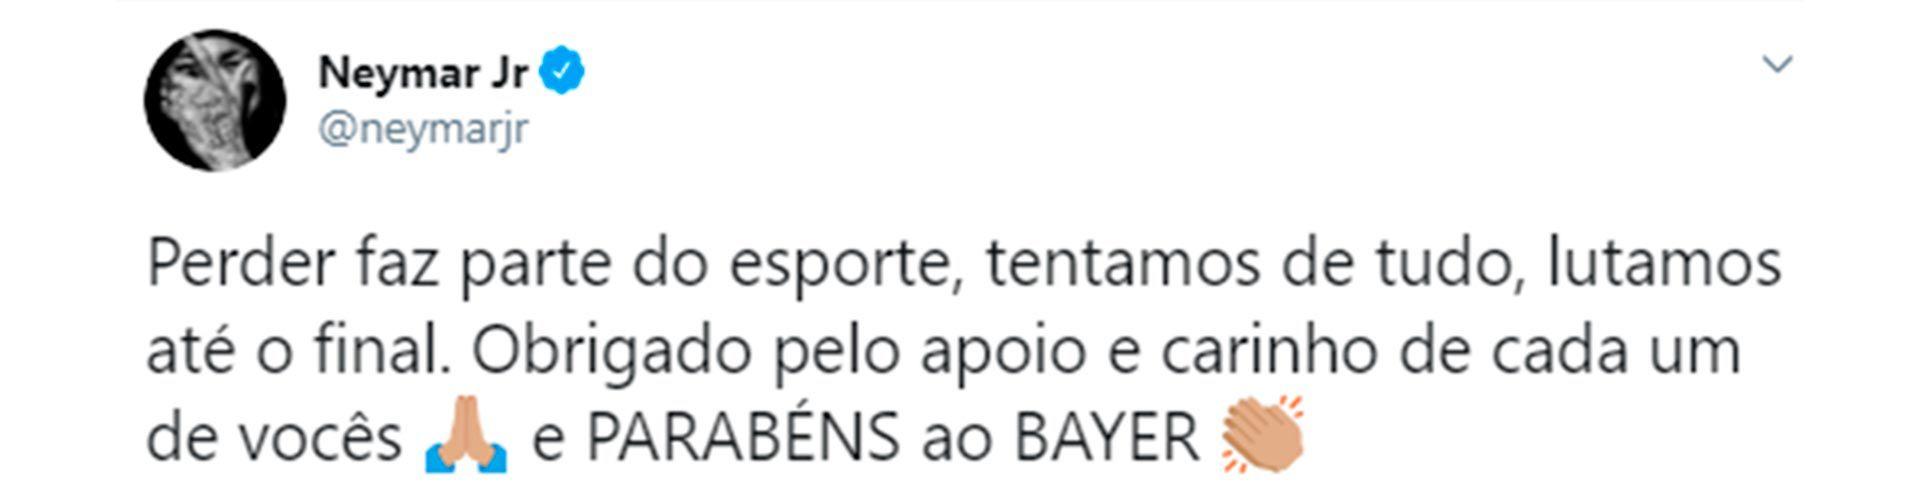 Mensaje neymar instagram / twitter SF